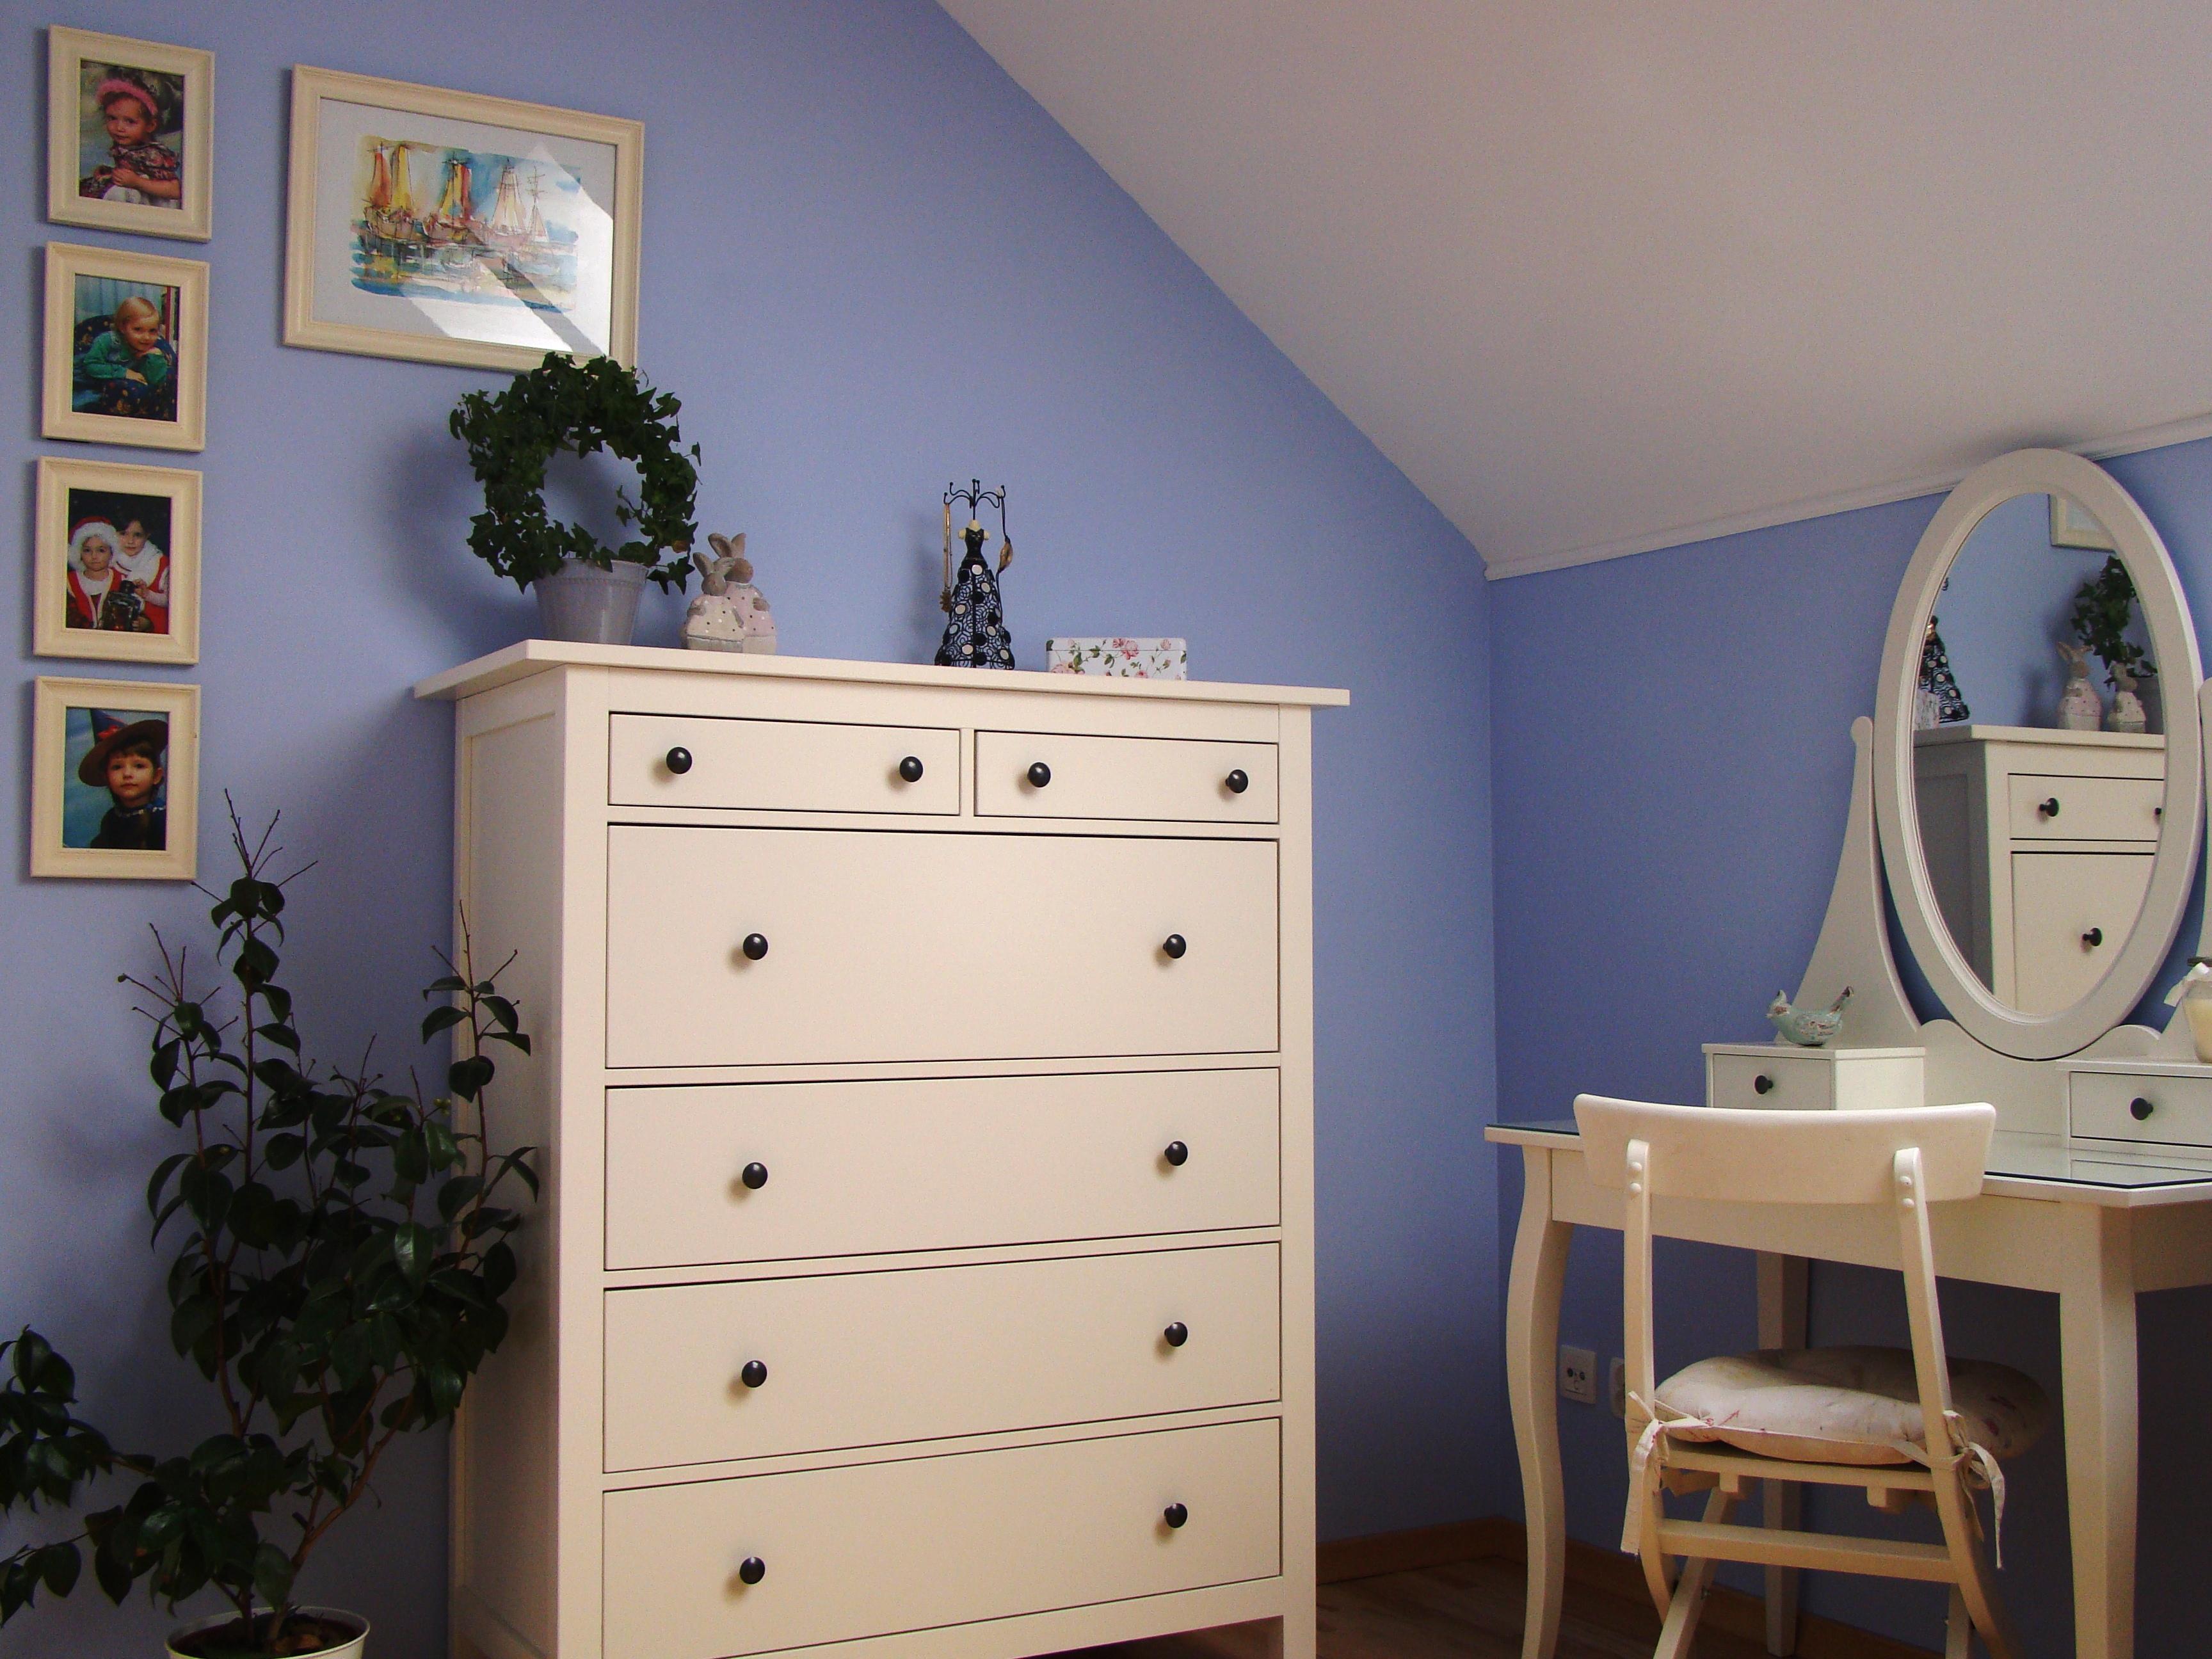 Zdjęcie 410 W Aranżacji Niebieska Sypialnia Mniej